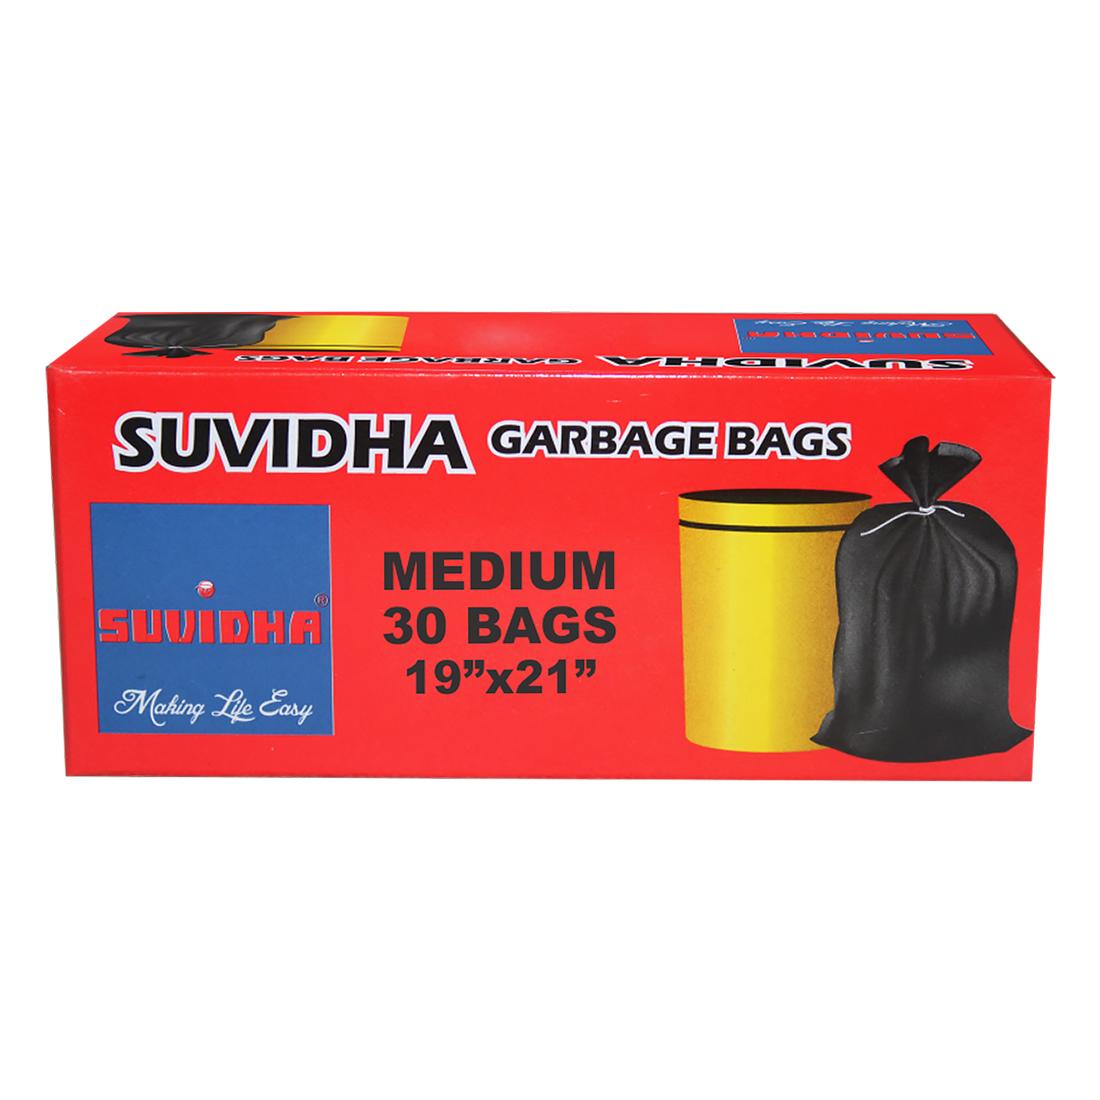 Suvidha Garbage Bag Size 19 X 21 30Bags